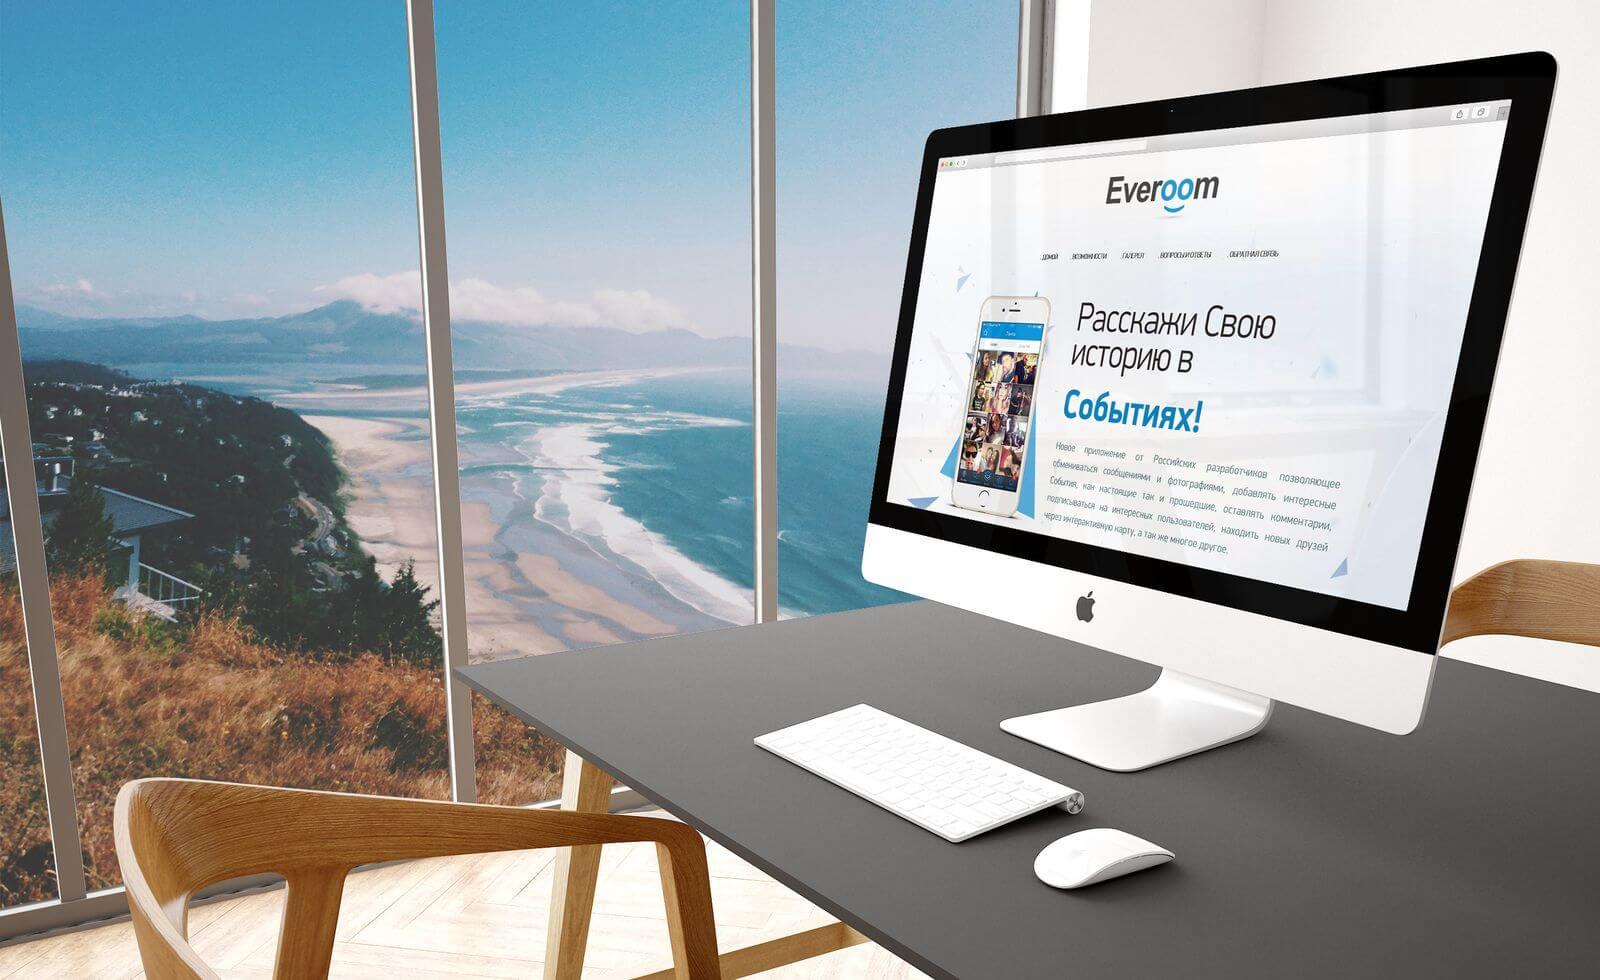 Студия Ракета завершила разработку сайта Everoom.com | Студия Ракета